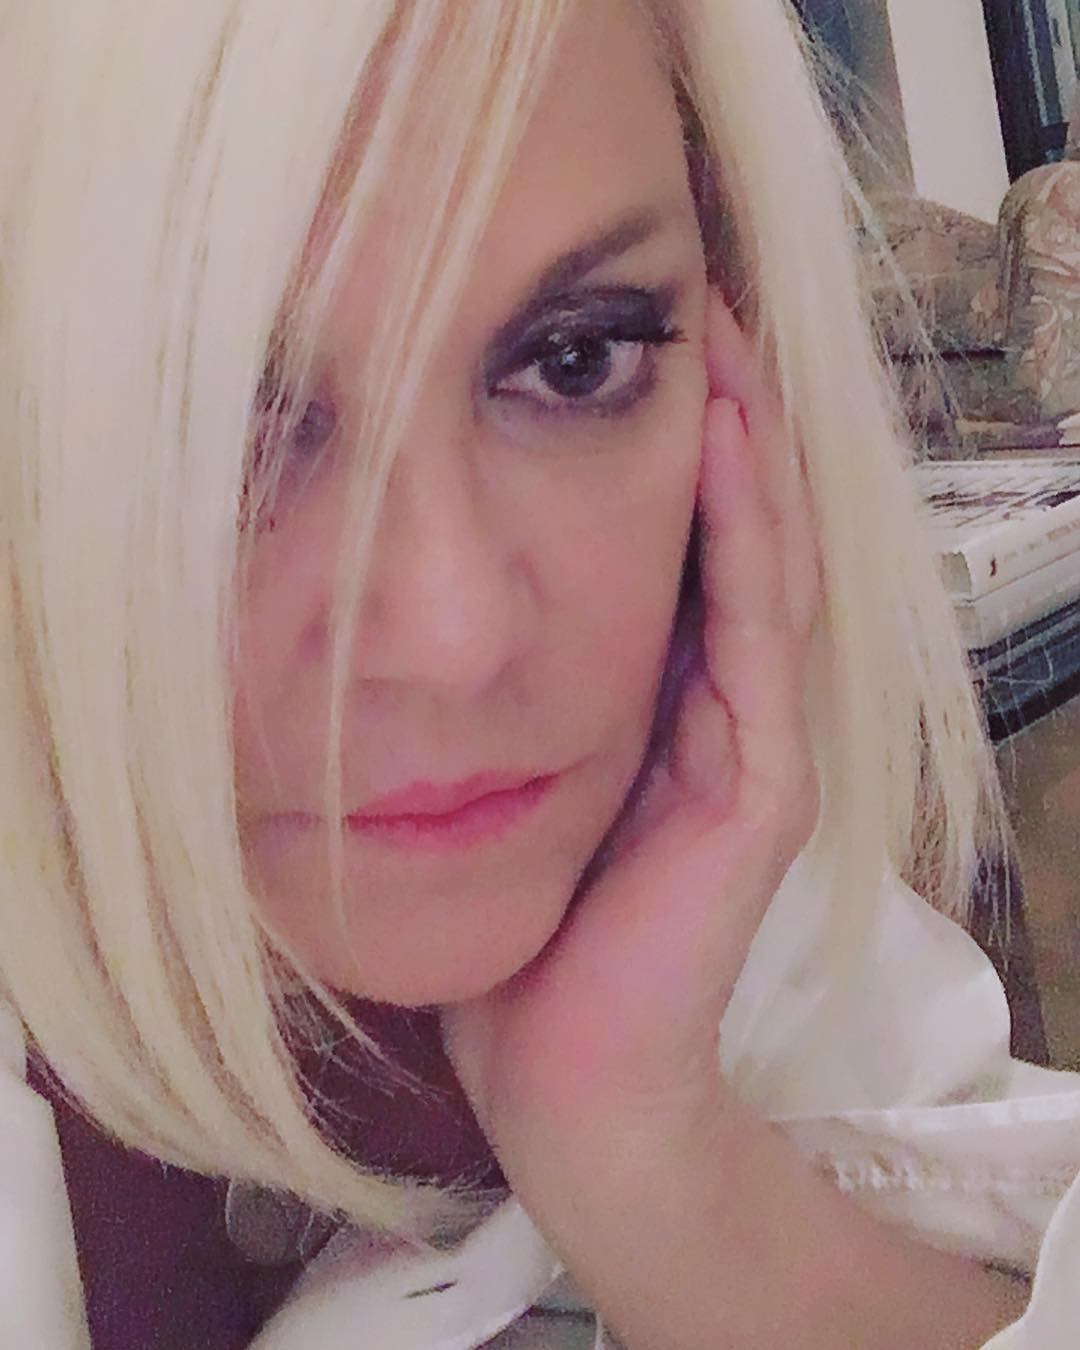 Ρούλα Κορομηλά: Πιο αδύνατη από ποτέ στη Χαλκίδα για χάρη του αγαπημένου της φίλου! [pics,vid] | tlife.gr